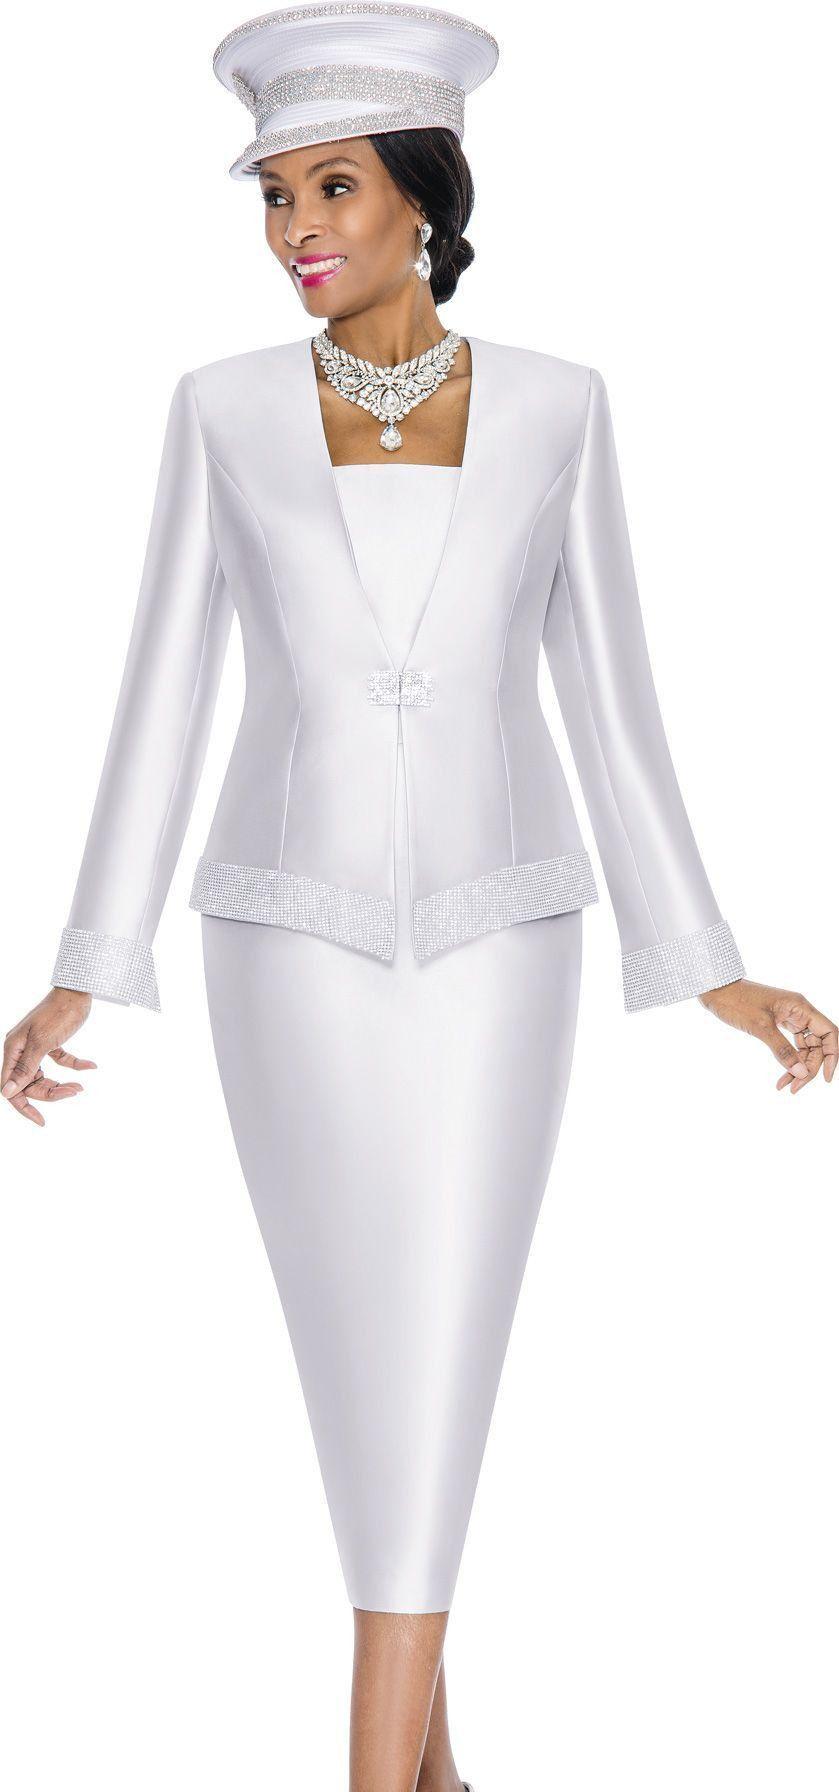 Terramina 7604C | Formal wear women, White skirt suit, Dresses